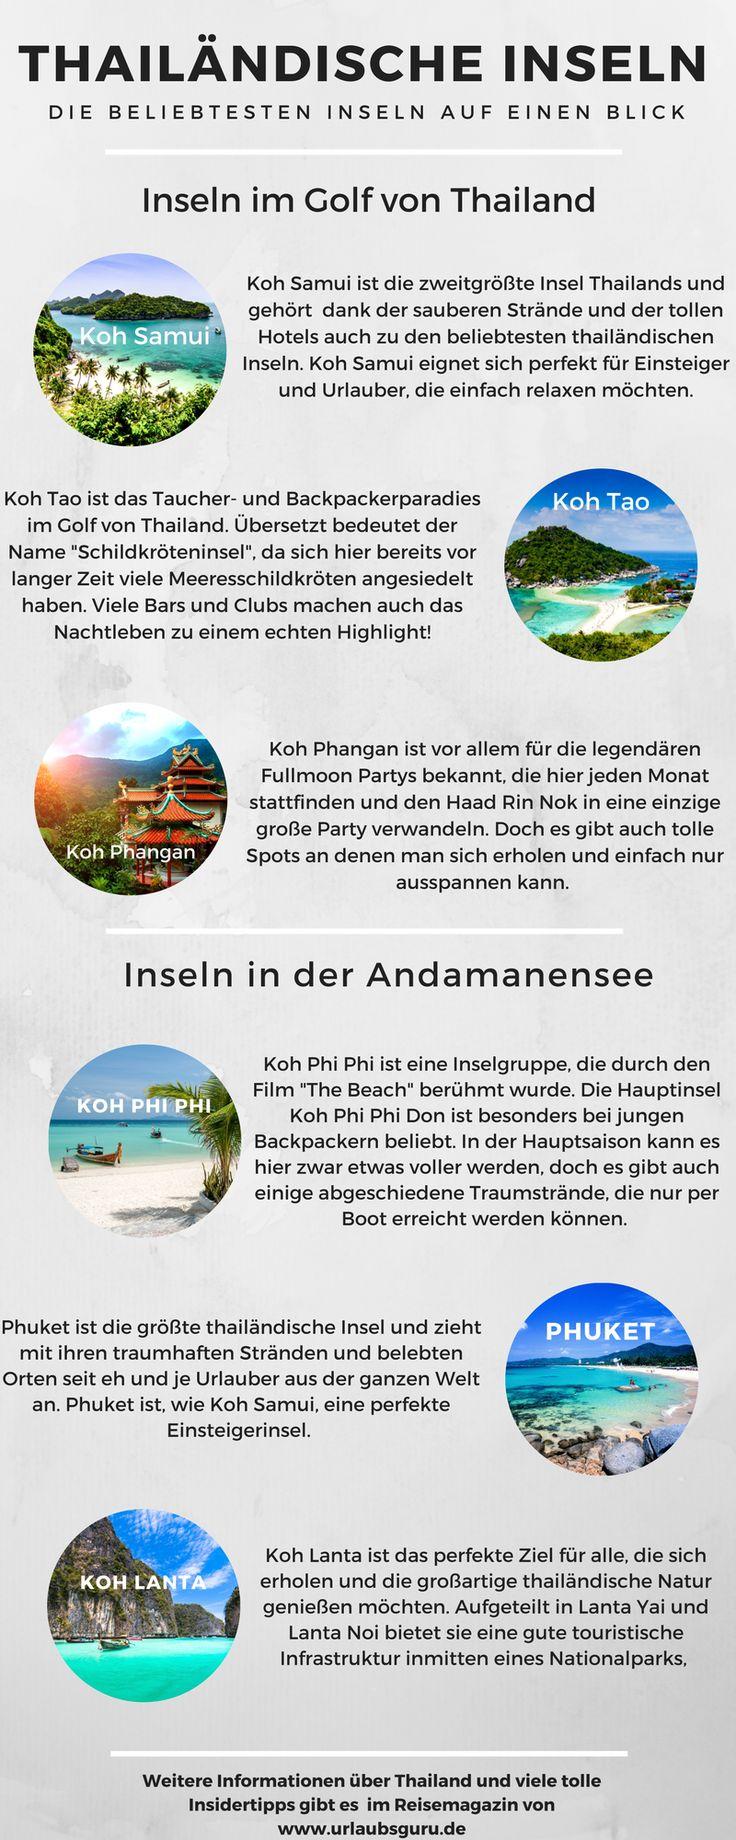 Phuket, Koh Samui oder doch lieber Koh Tao? Ich stelle euch die beliebtesten Inseln in Thailand genauer vor. Damit ihr wisst, welche thailändische Insel zu euch passt, könnt ihr anschließend den Test machen!